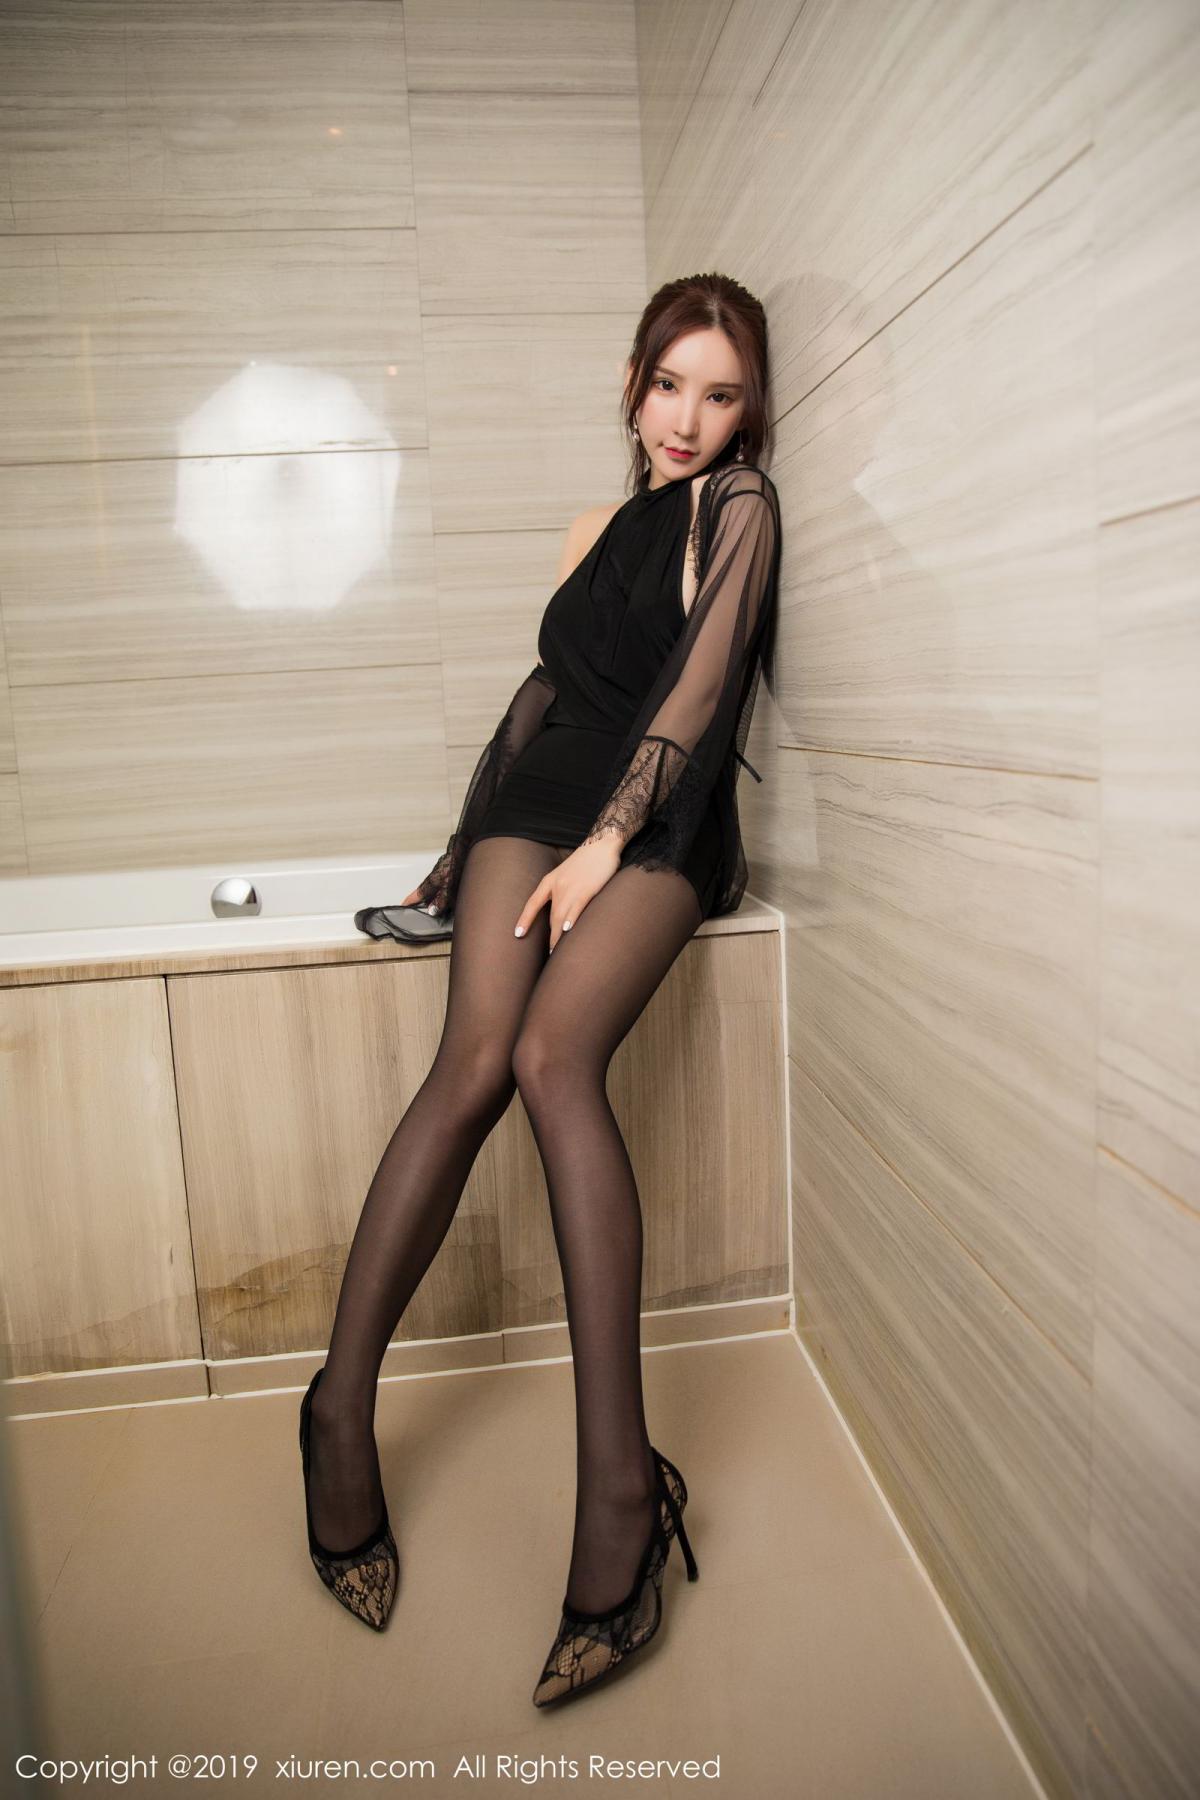 [XiuRen] Vol.1556 Zhou Yu Xi 15P, Bathroom, Black Silk, Tall, Underwear, Xiuren, Zhou Yu Xi